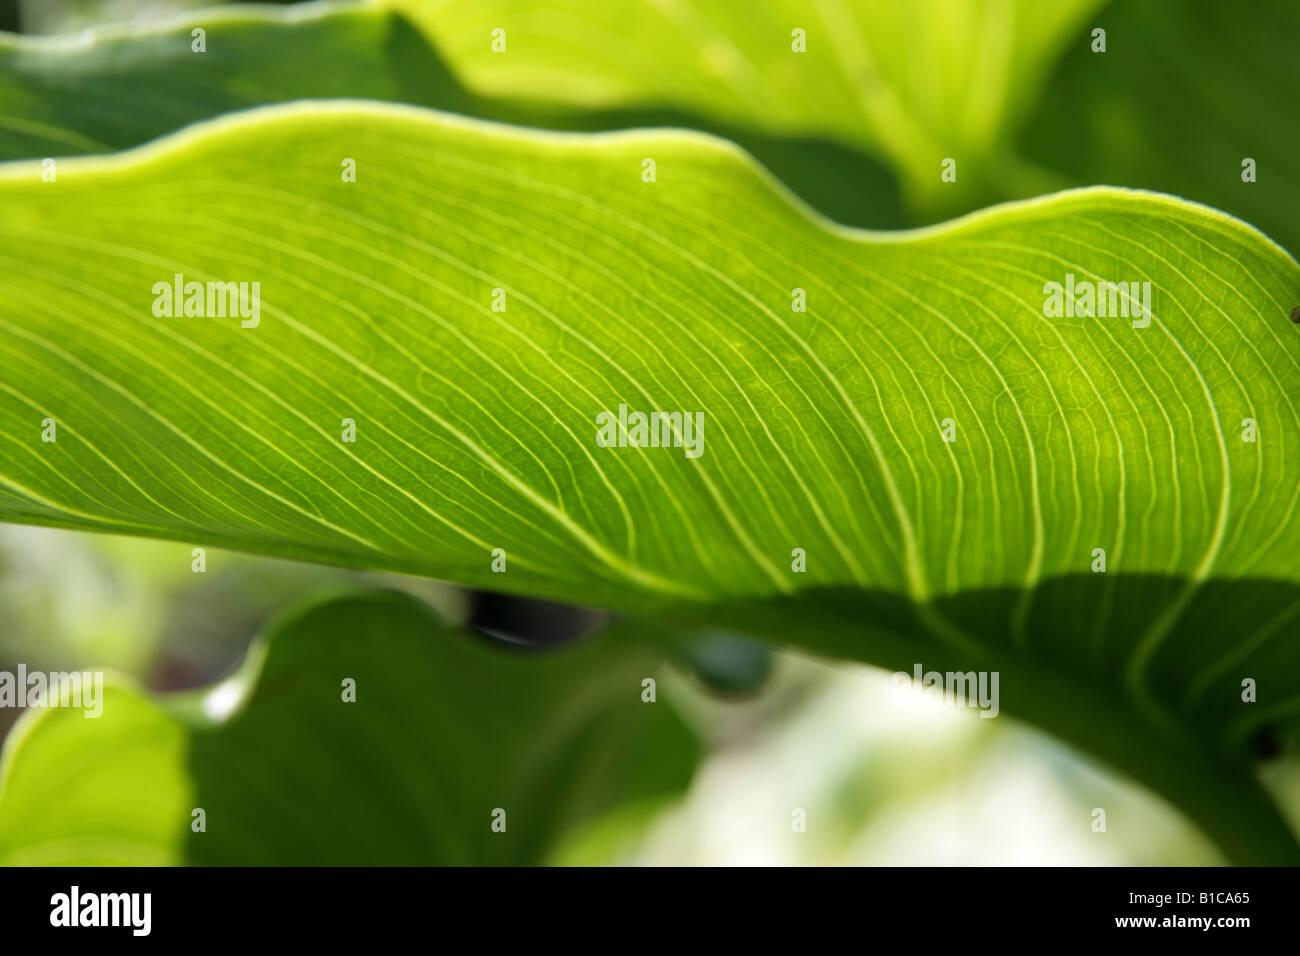 Detail des Blattes wieder beleuchtet beleuchtete. Stockbild